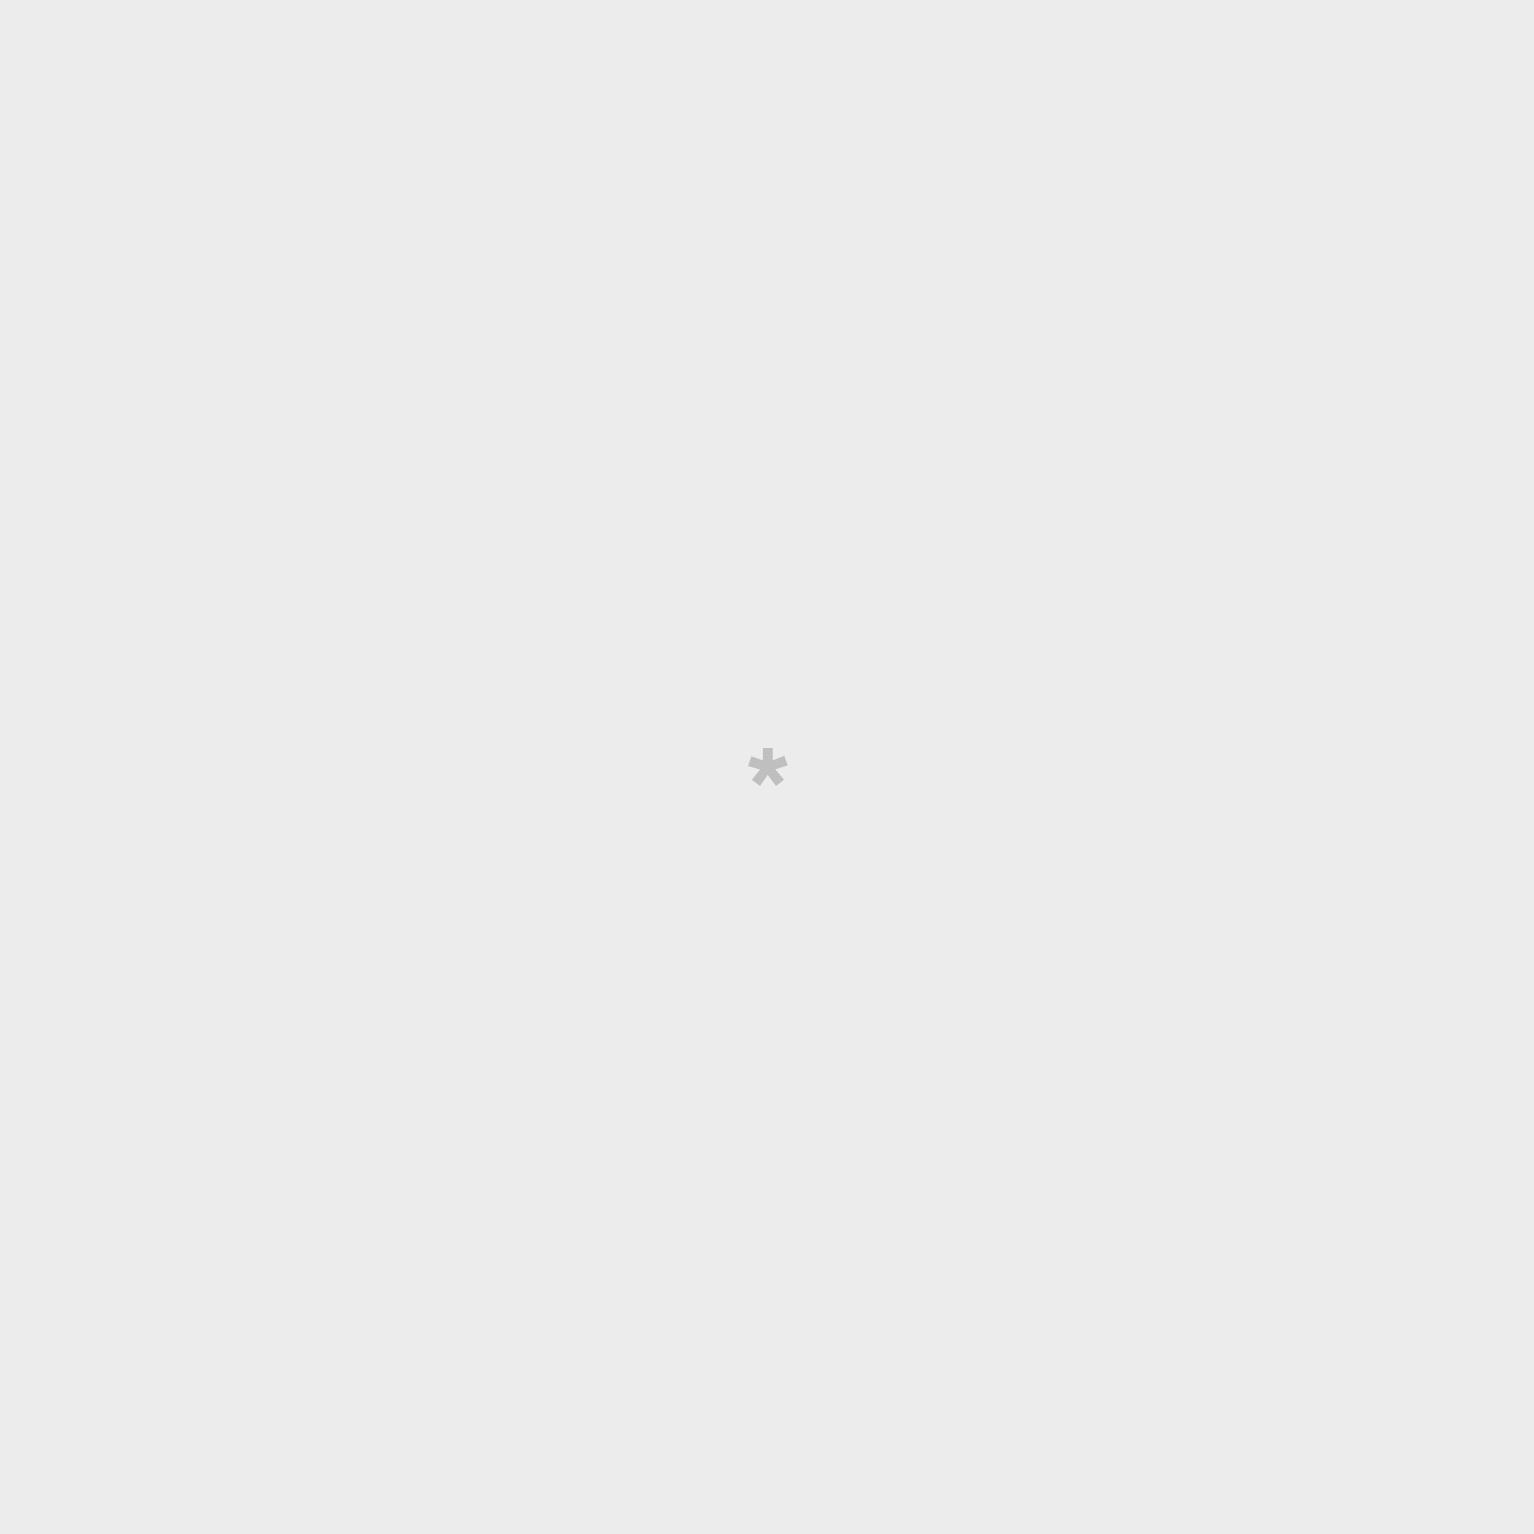 Set de 12 stylos de couleurs - Happiness looks great on you